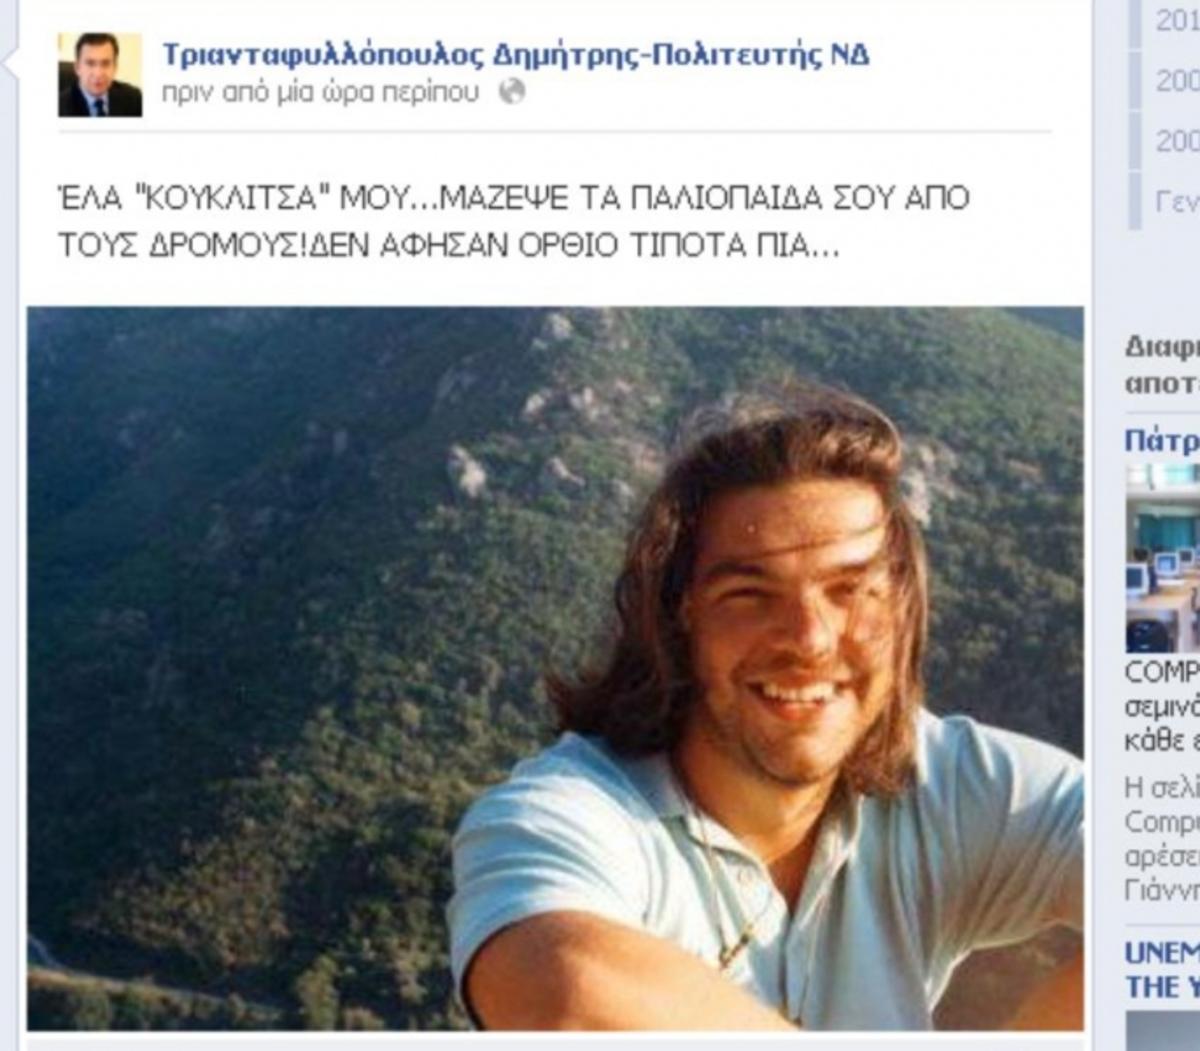 Αχαϊα: Πολιτευτής της ΝΔ προς Τσίπρα – »Έλα κουκλίτσα μου μάζεψε τα παλιόπαιδά σου από τους δρόμους»! | Newsit.gr